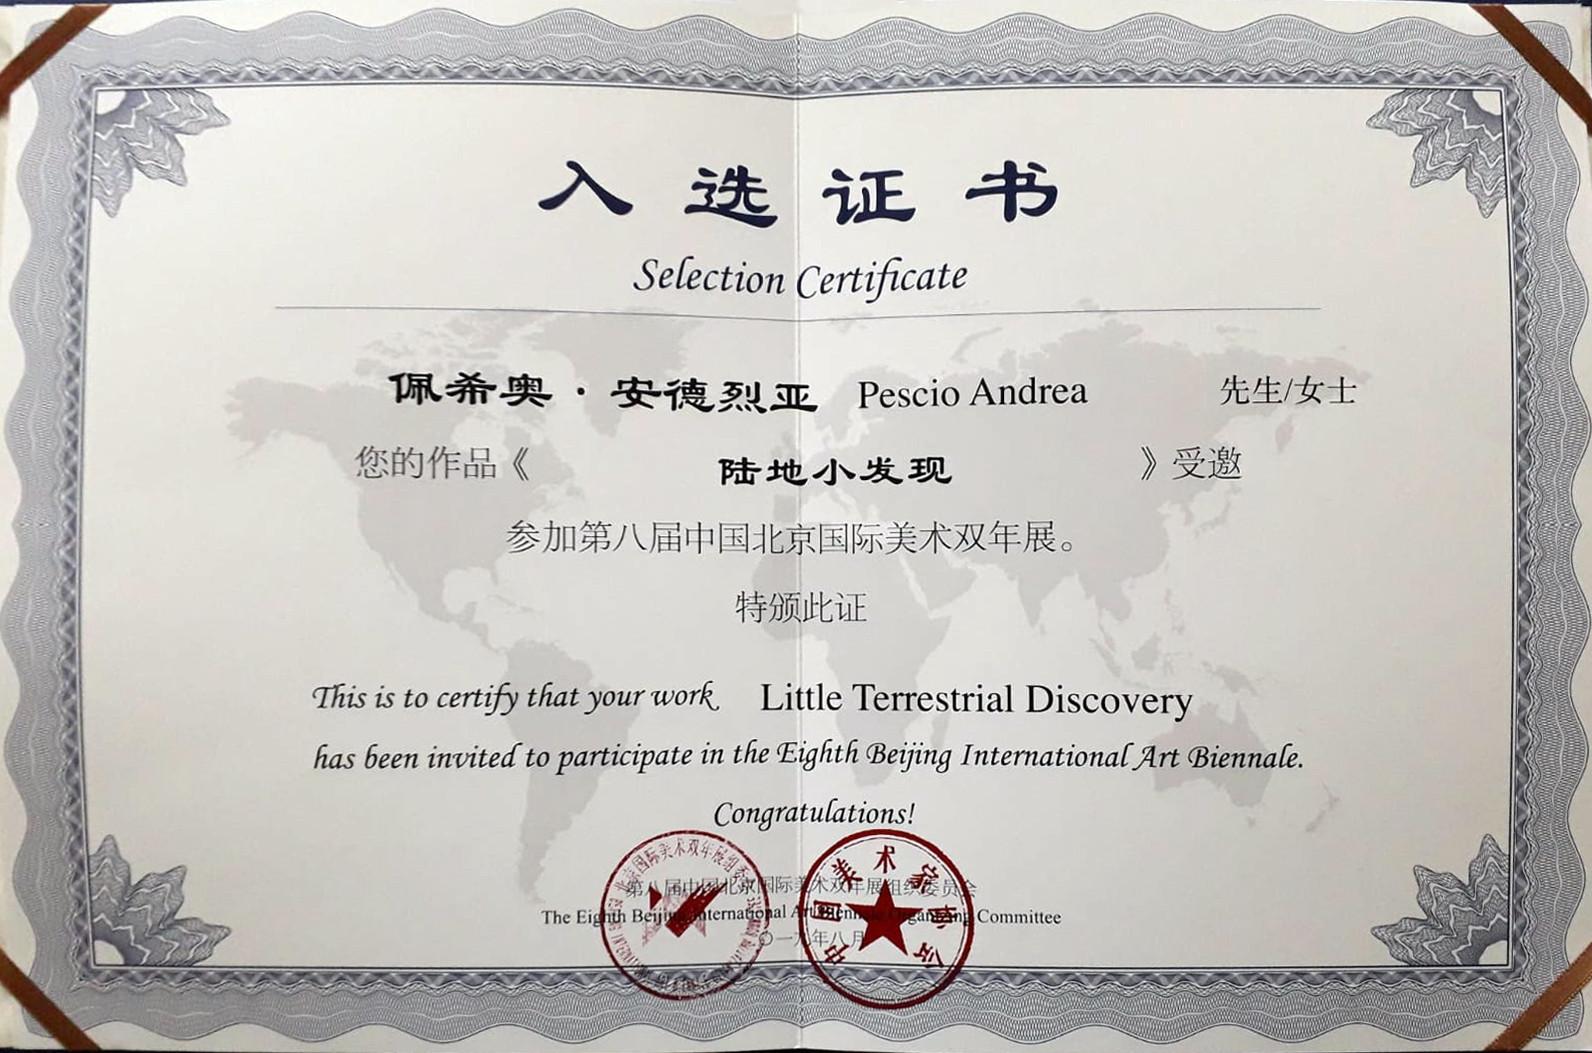 Il certificato di partecipazione alla Biennale